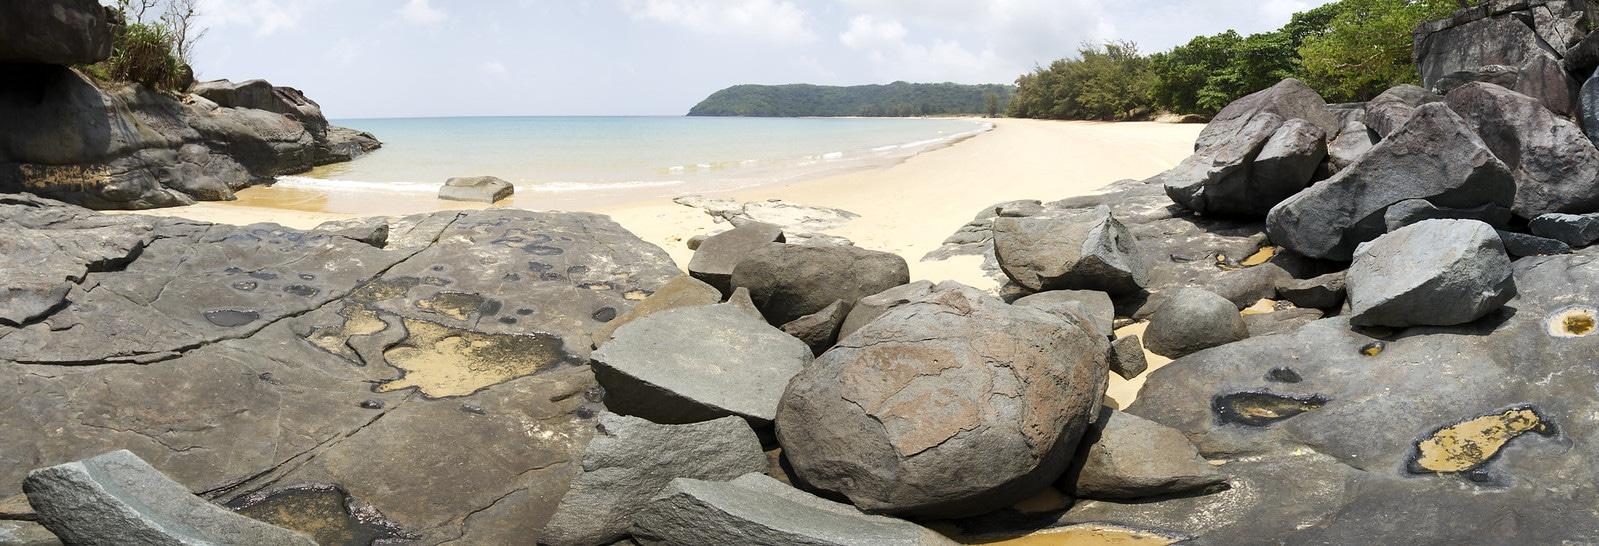 Beach in Con Dao National Park Vietnam